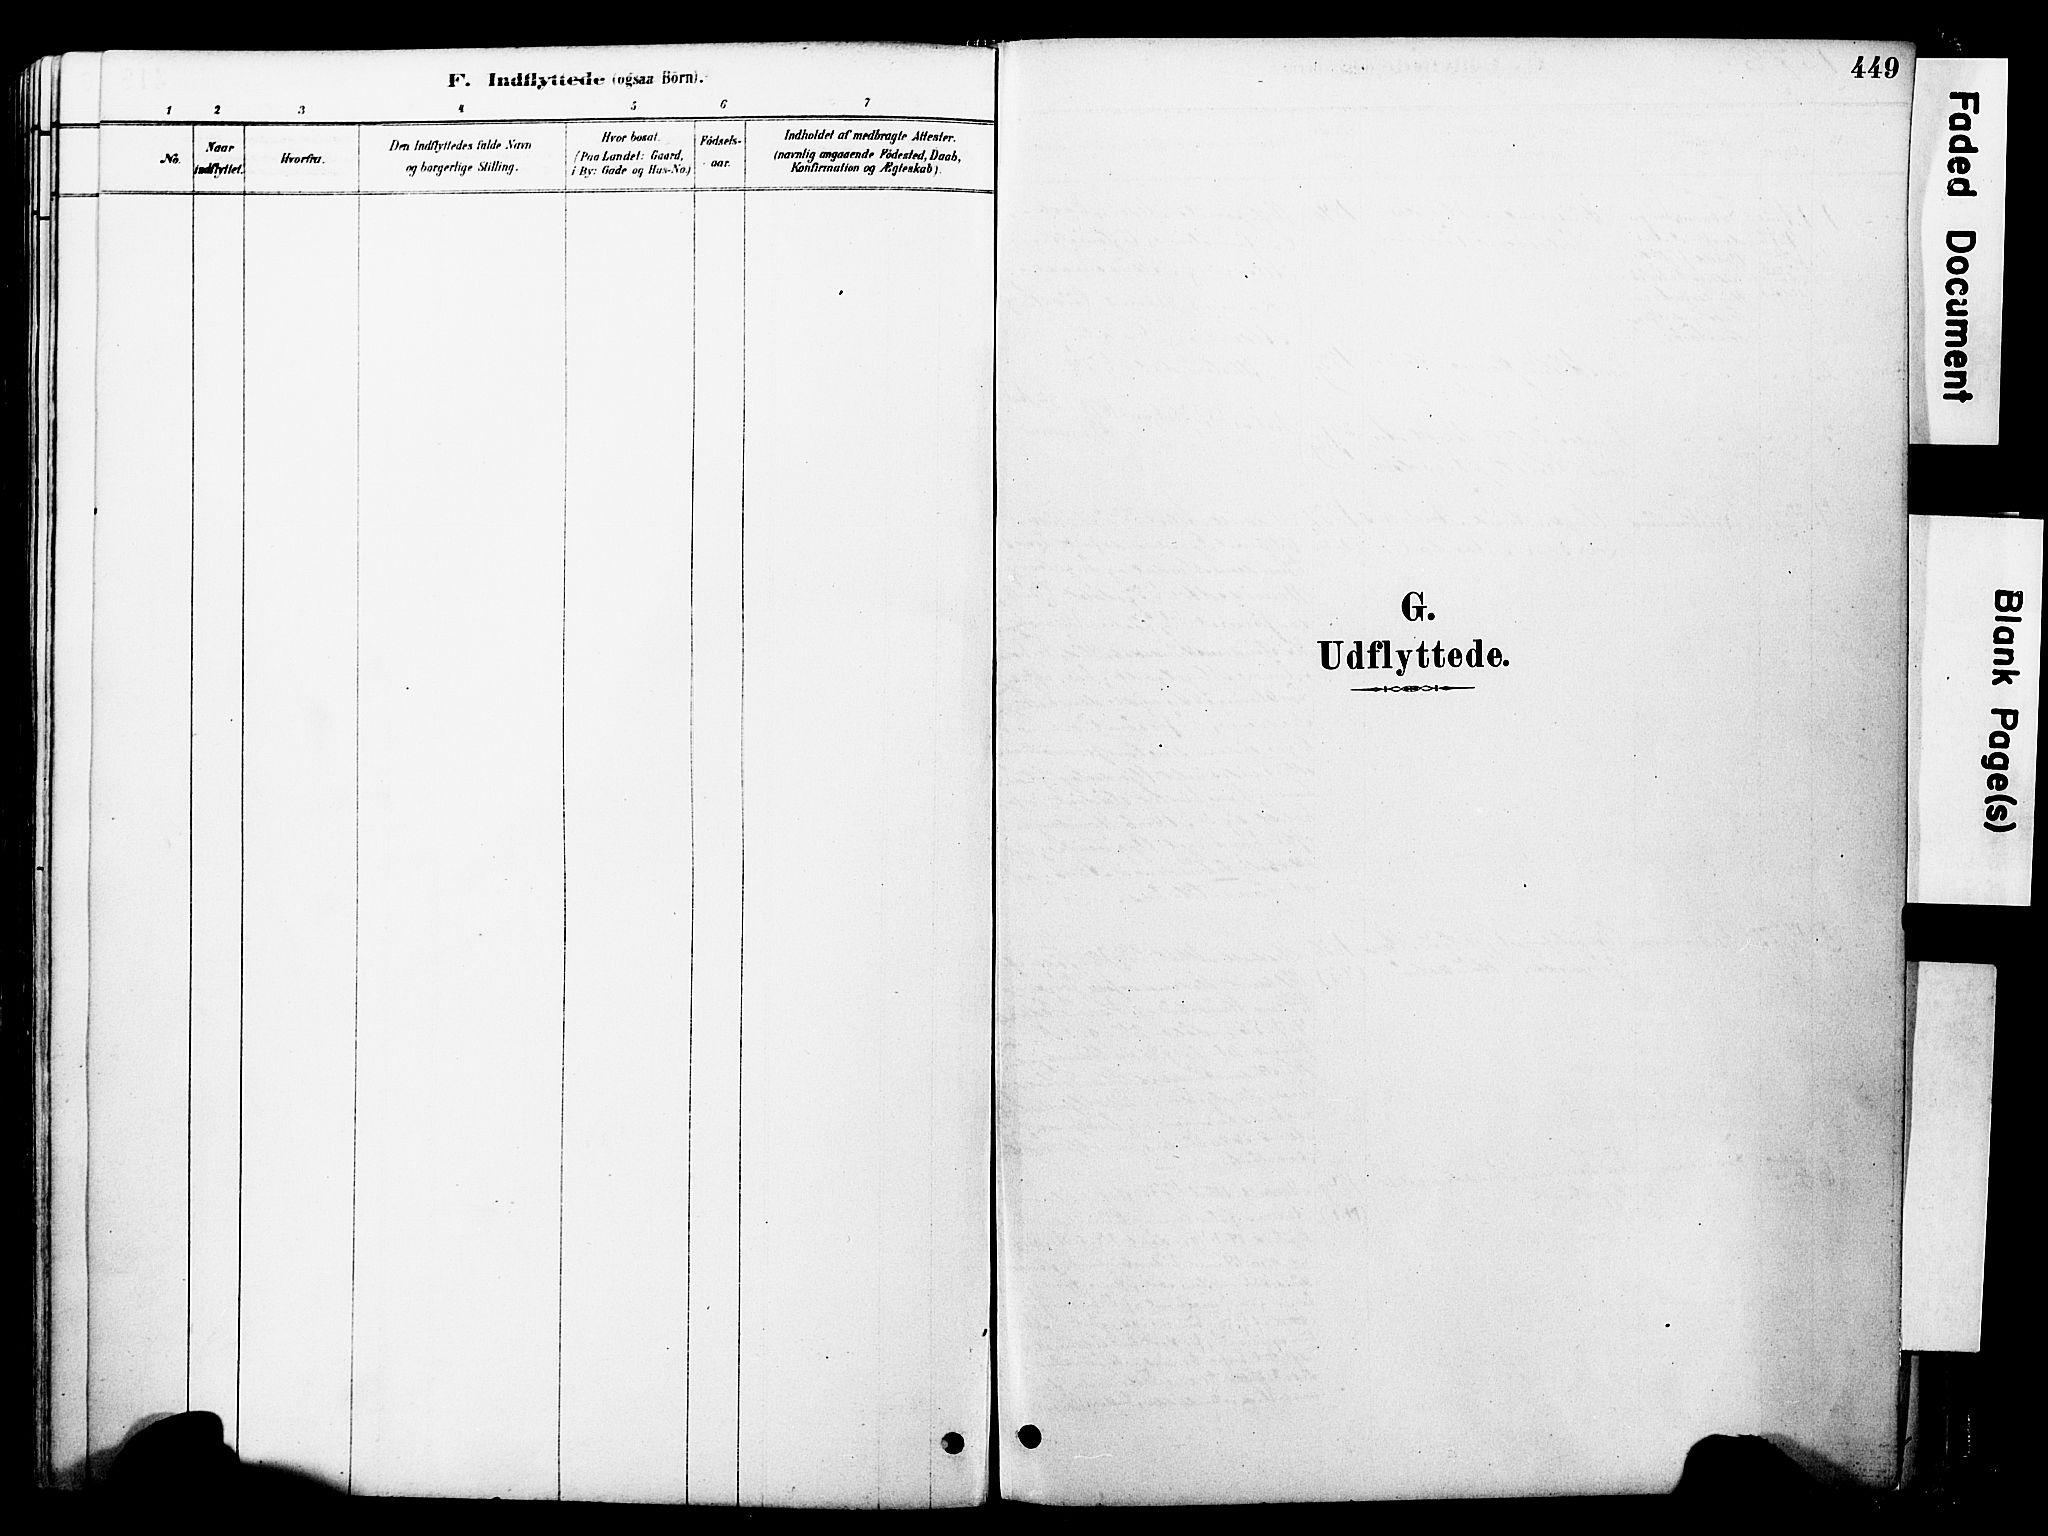 SAT, Ministerialprotokoller, klokkerbøker og fødselsregistre - Møre og Romsdal, 560/L0721: Ministerialbok nr. 560A05, 1878-1917, s. 449